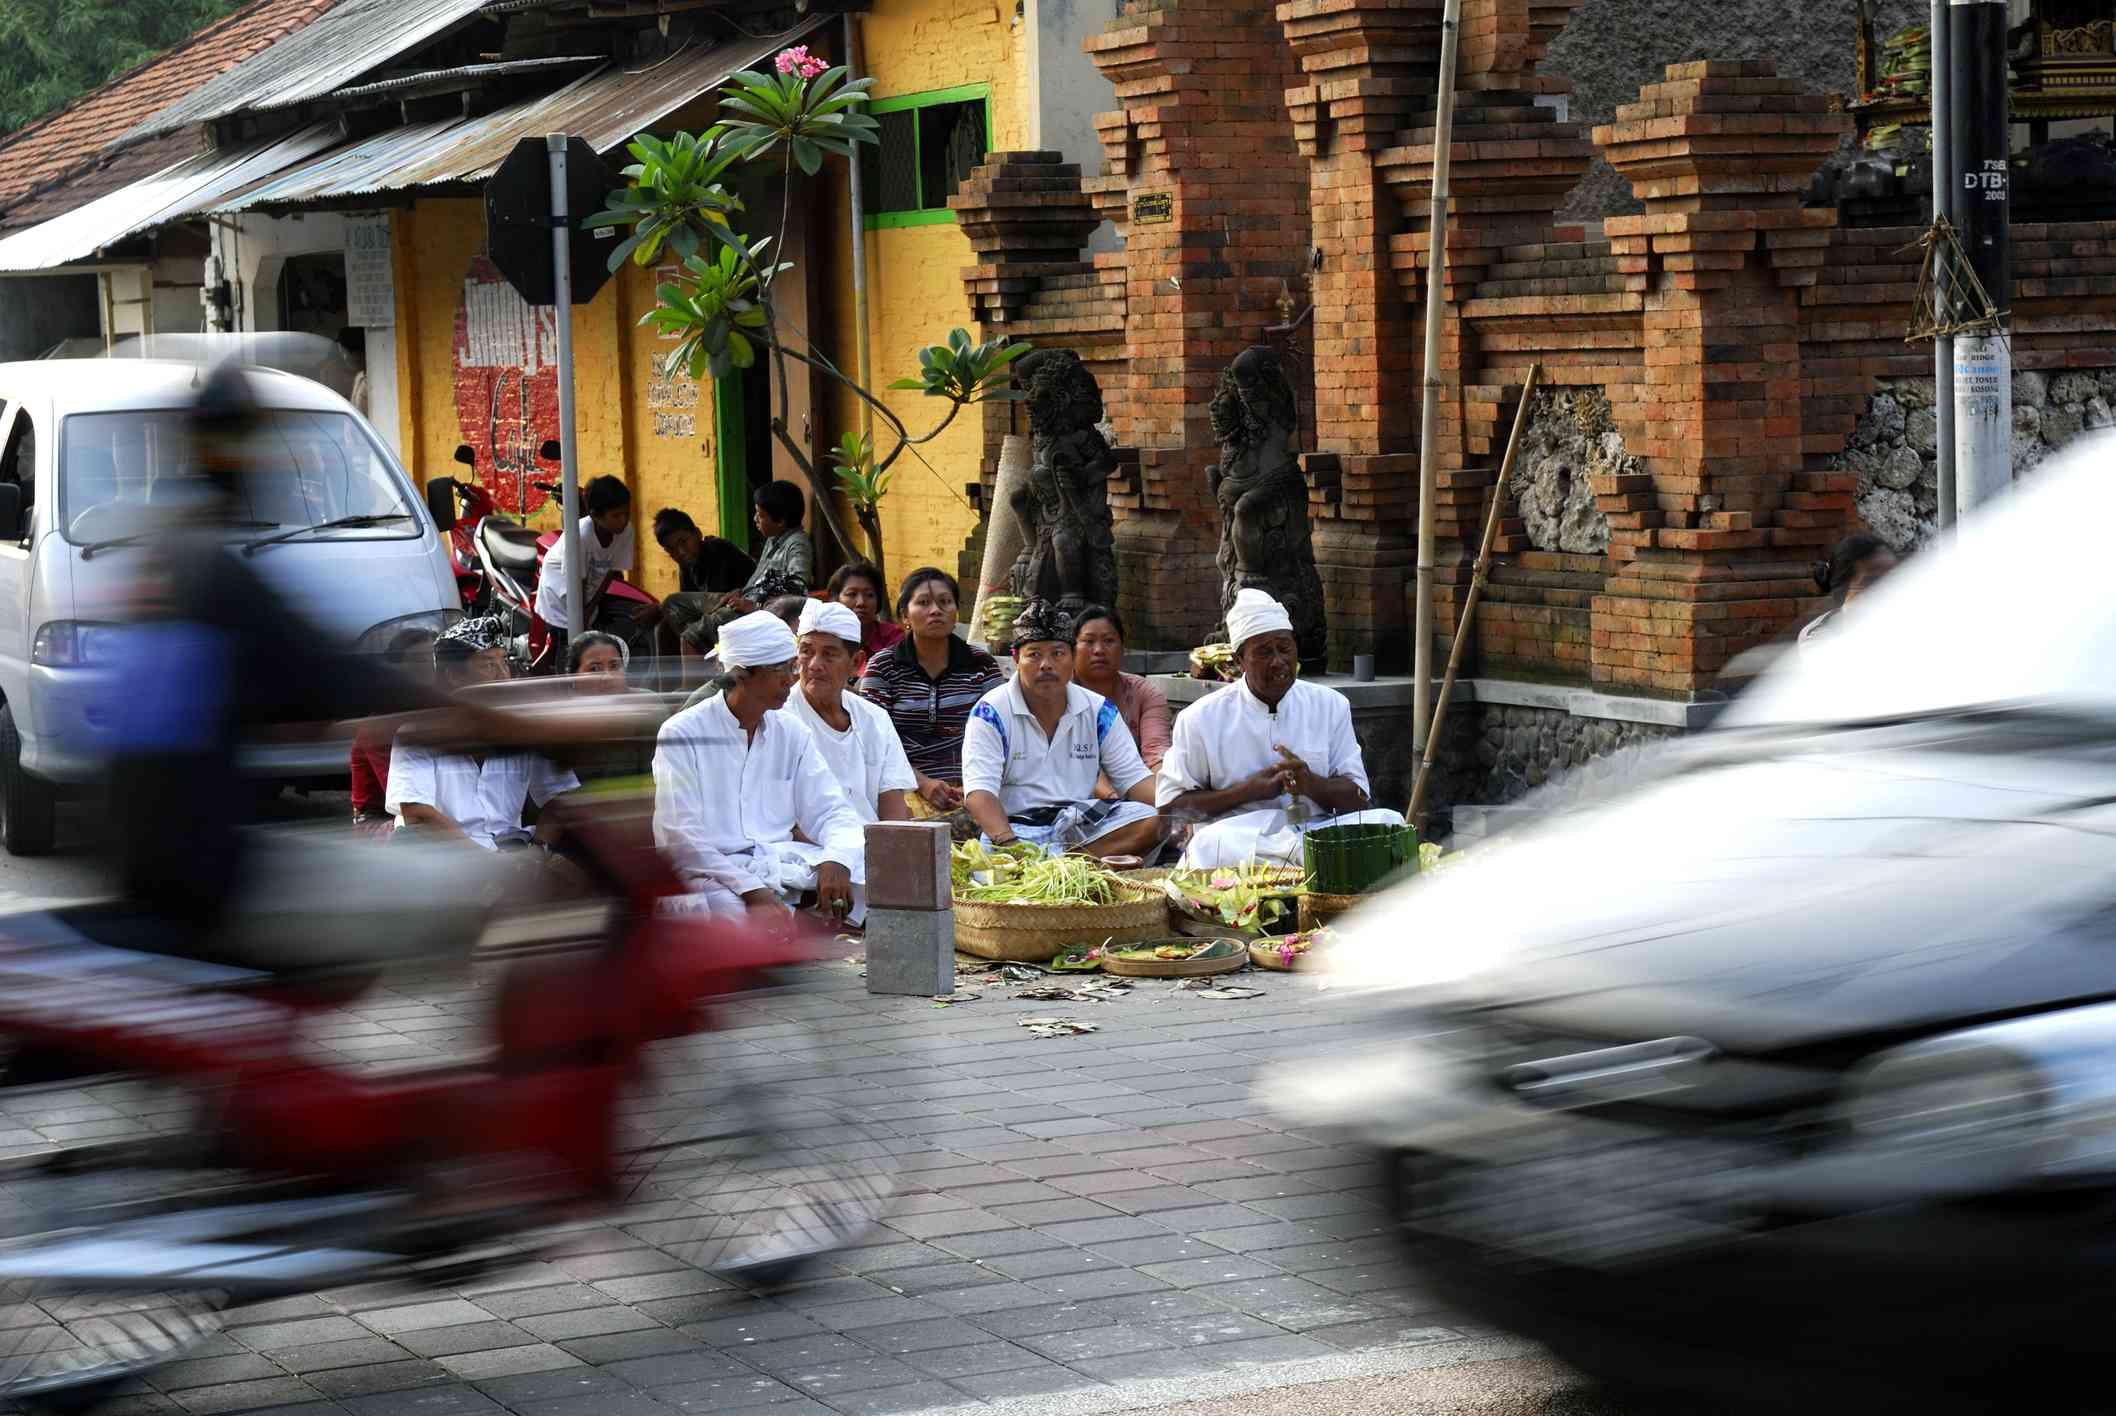 Busy roadside in Bali